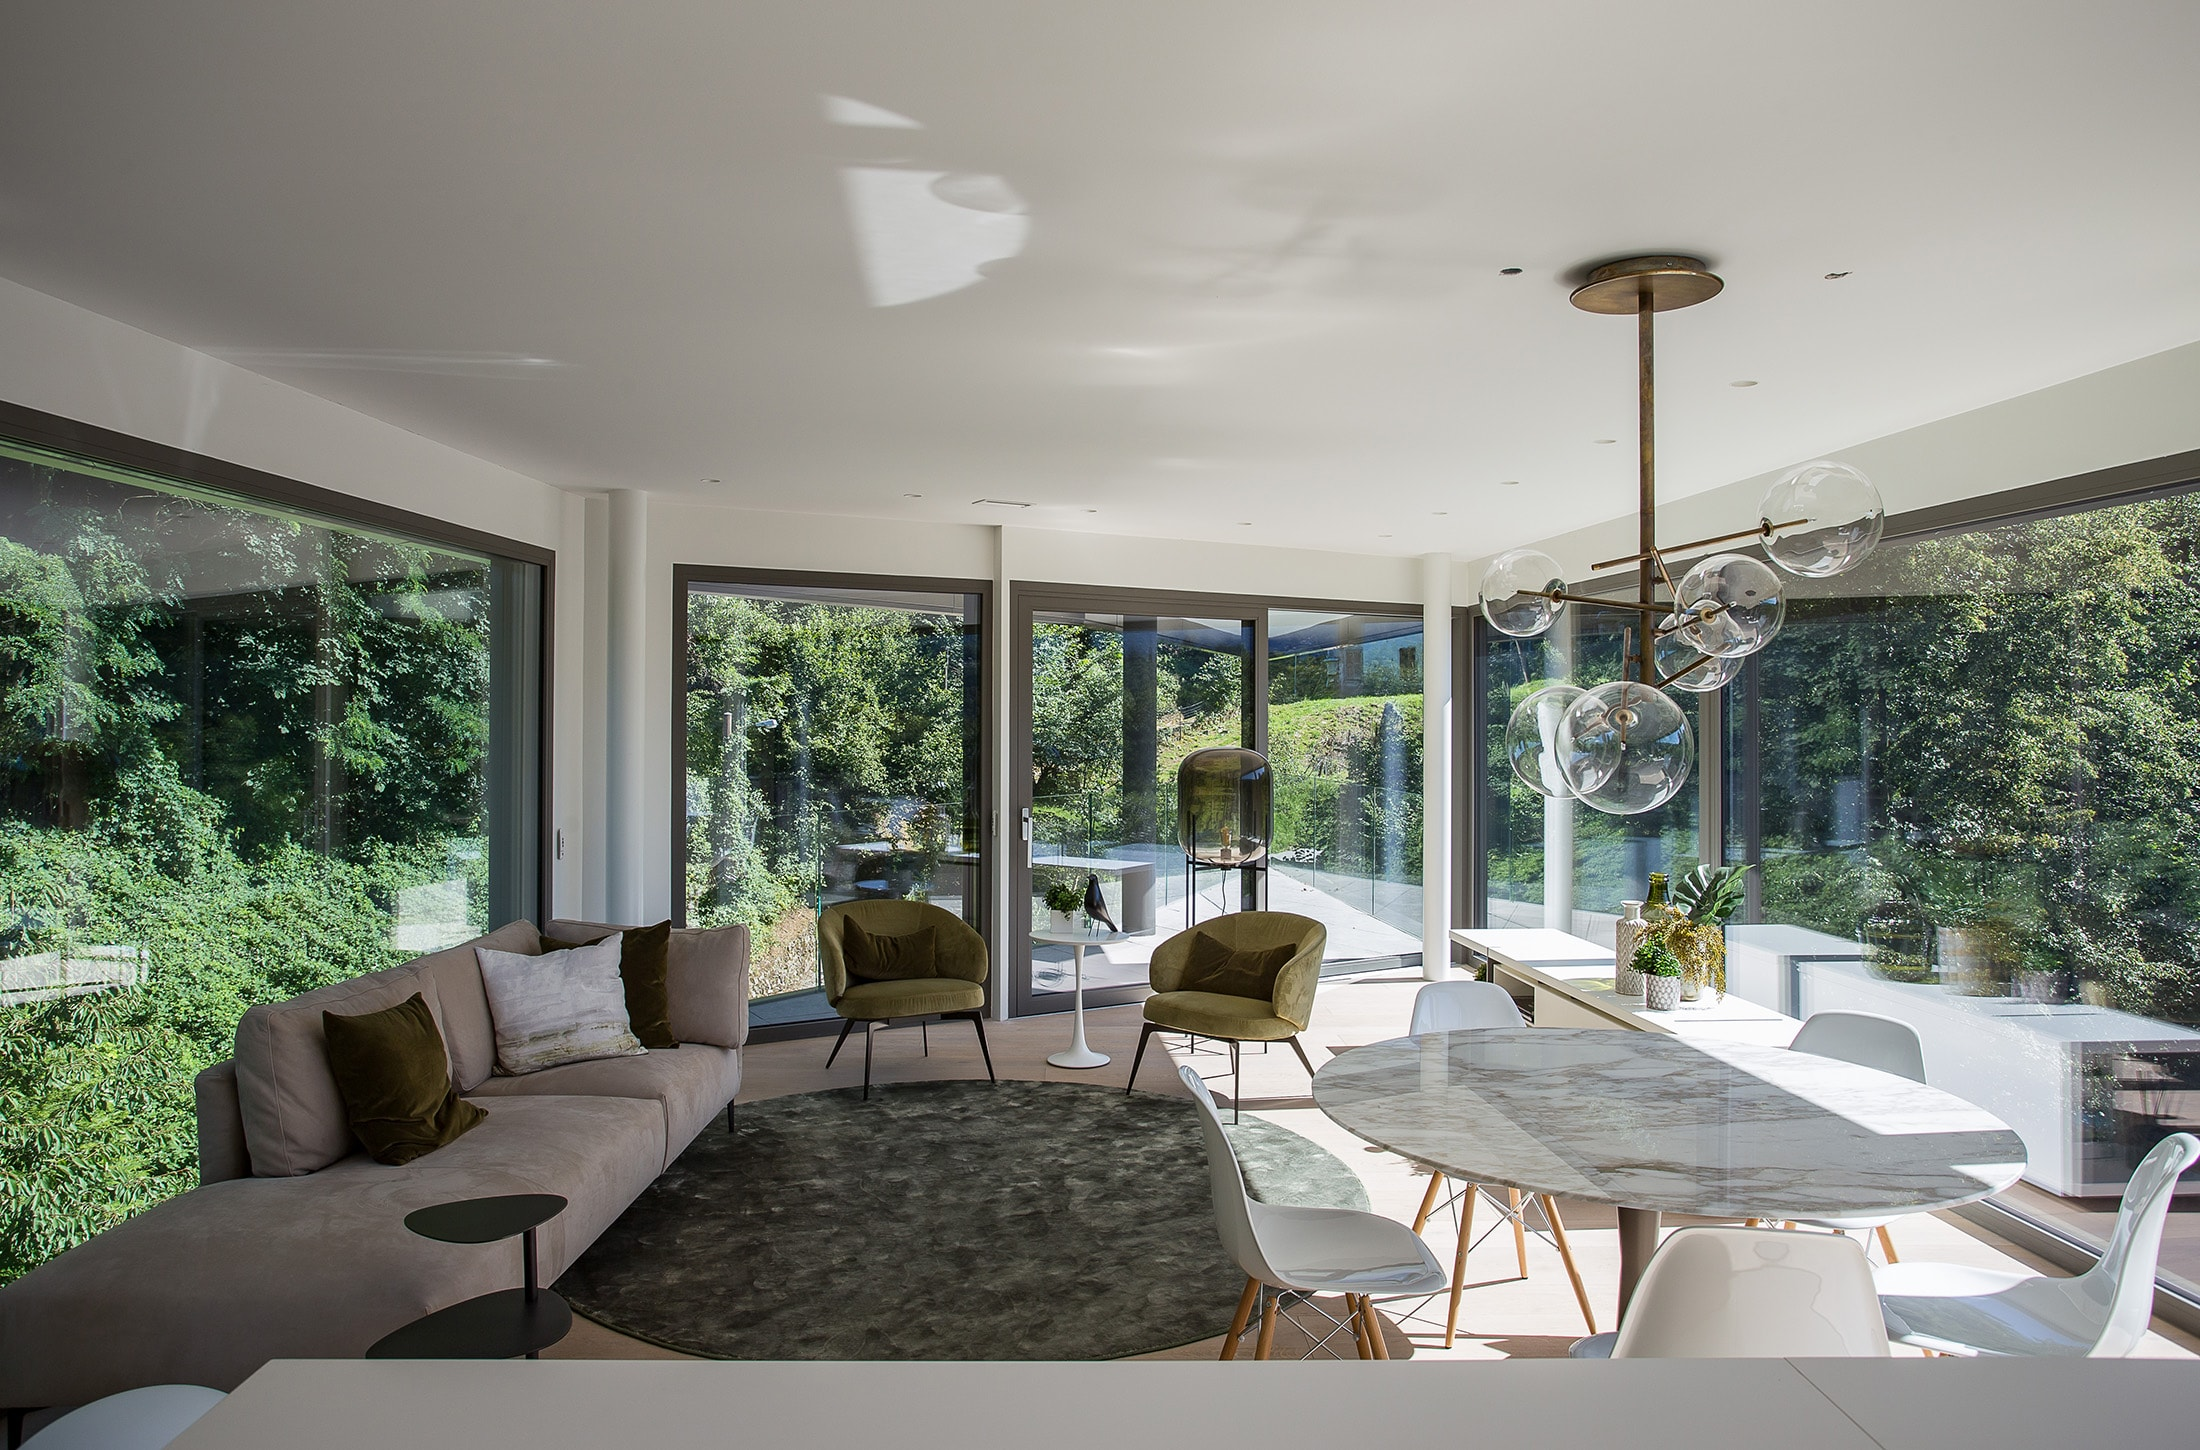 Dimora innovativa e di design Lugano Ticino Svizzera livello 3 con vista parco